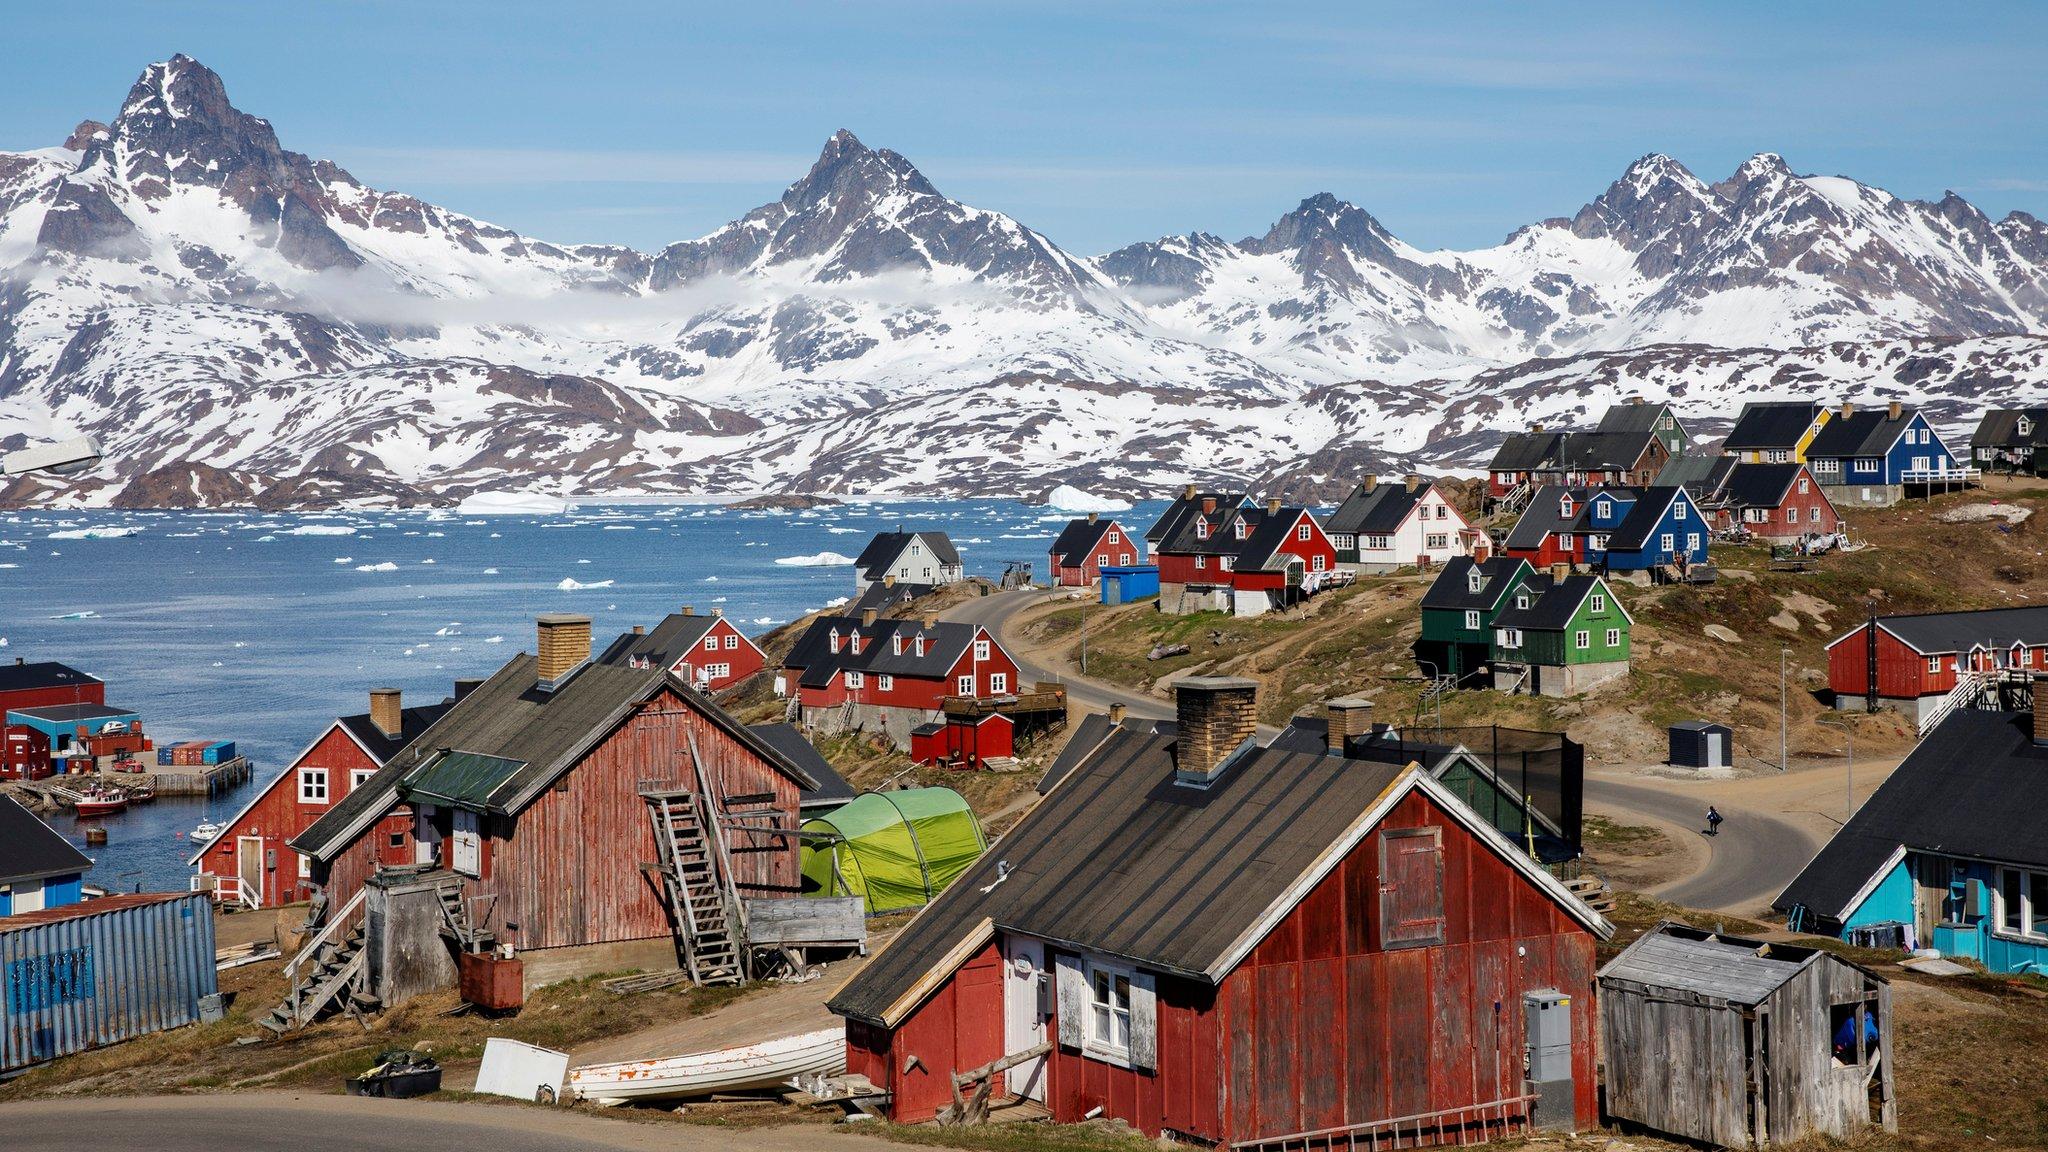 グリーンランド買いたい」「売らない」 トランプ氏、デンマーク訪問を ...